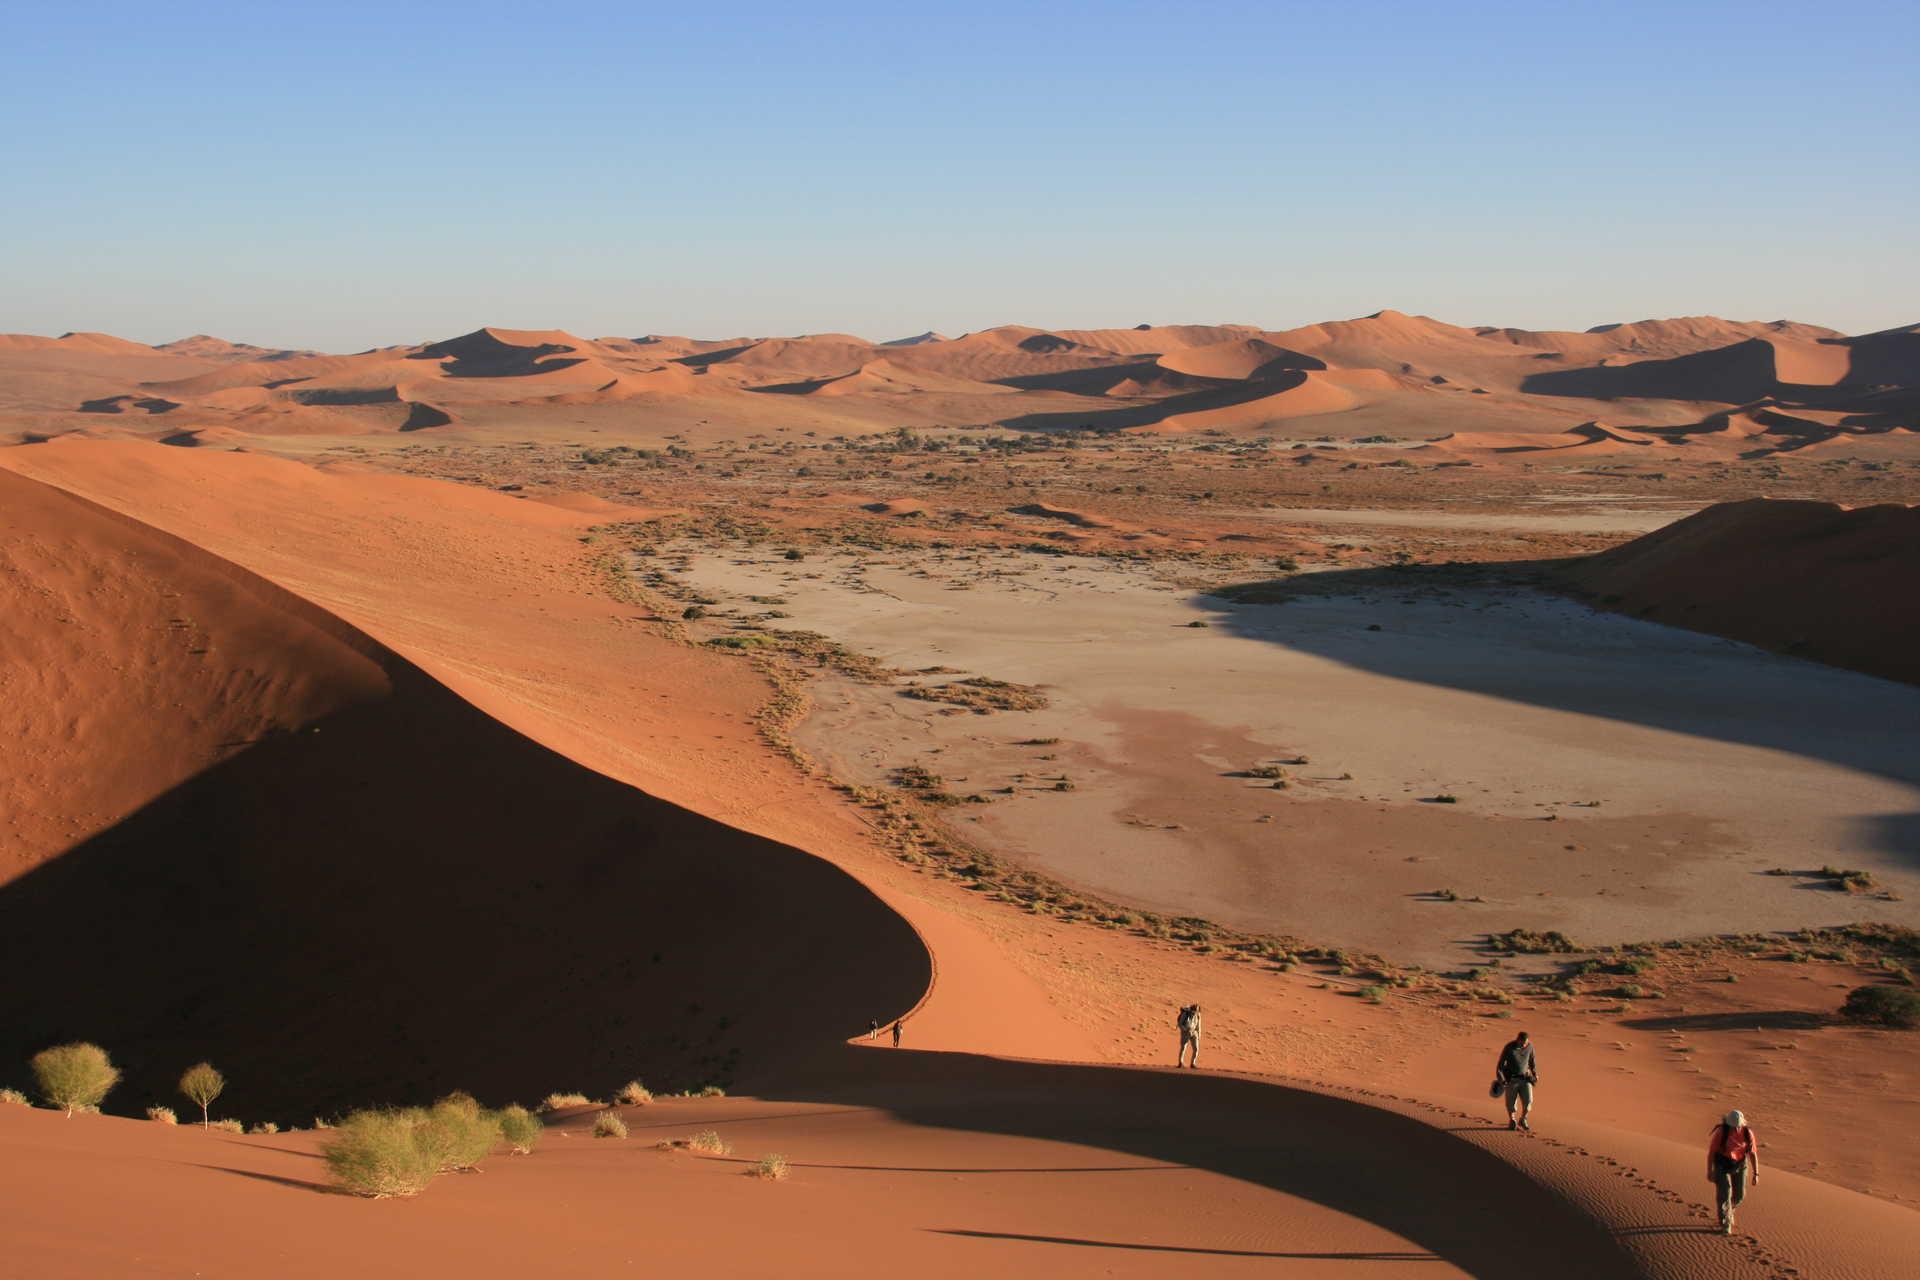 Ascension de la Crazy Dune, la plus haute de Sossusvlei dans le désert du Namib